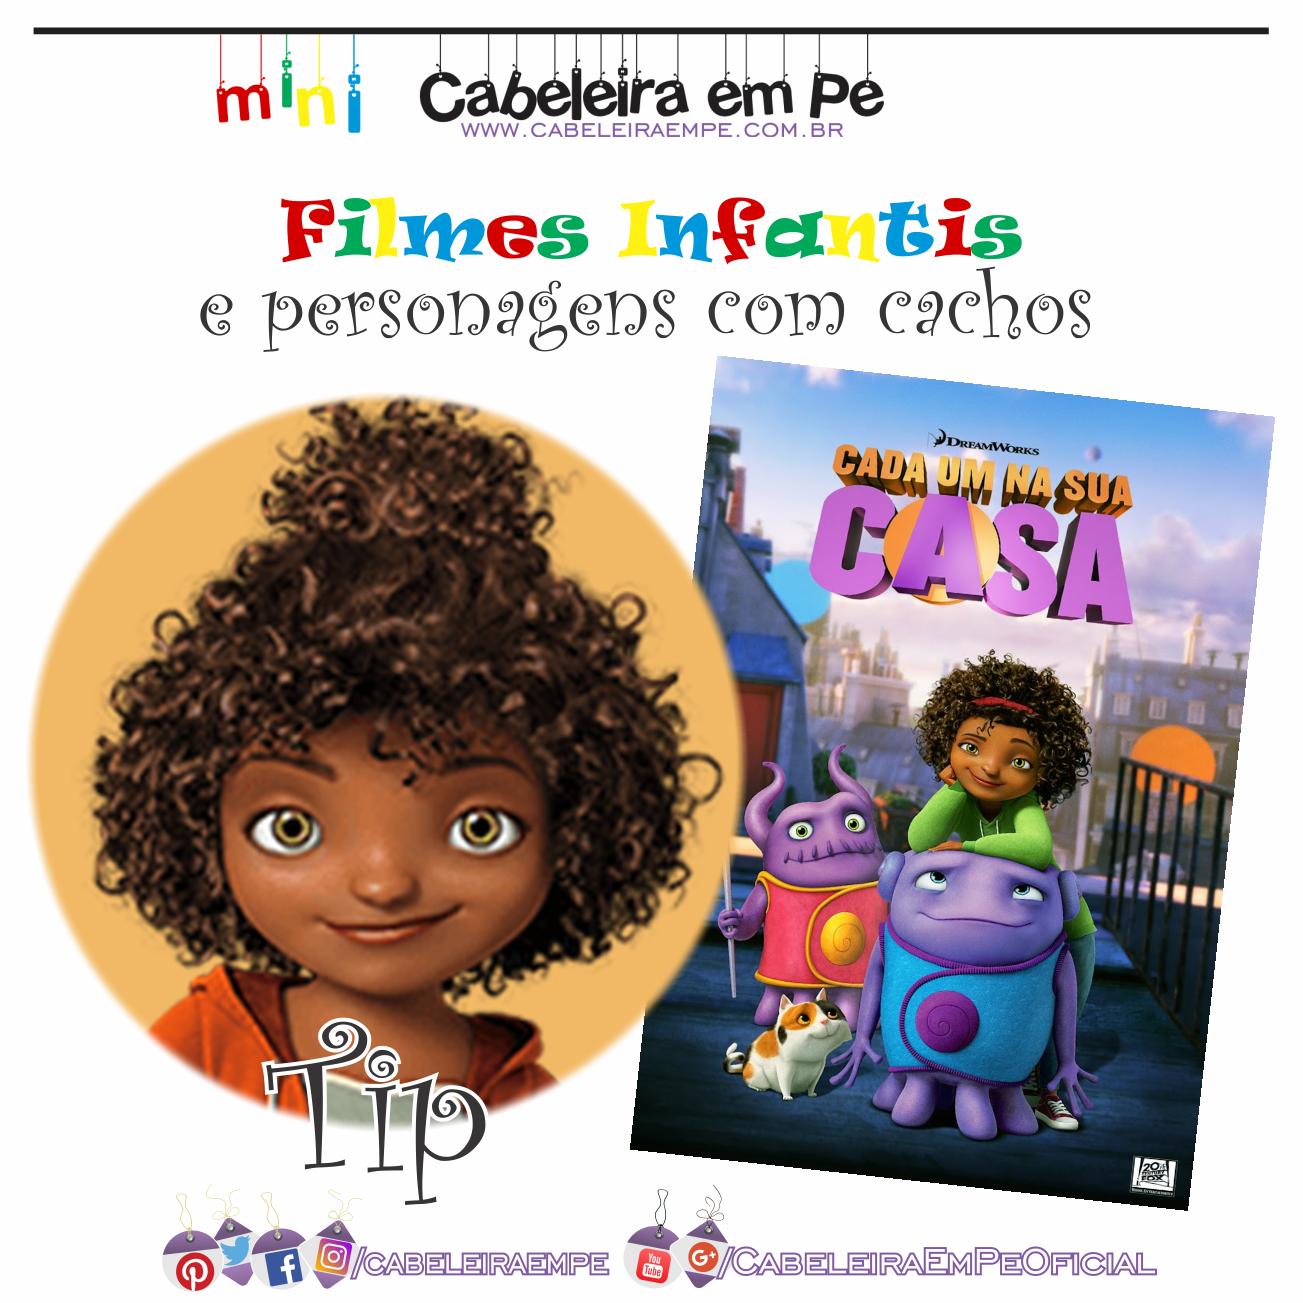 Filmes E Programas Infantis Com Personagens Cacheados Cabeleira